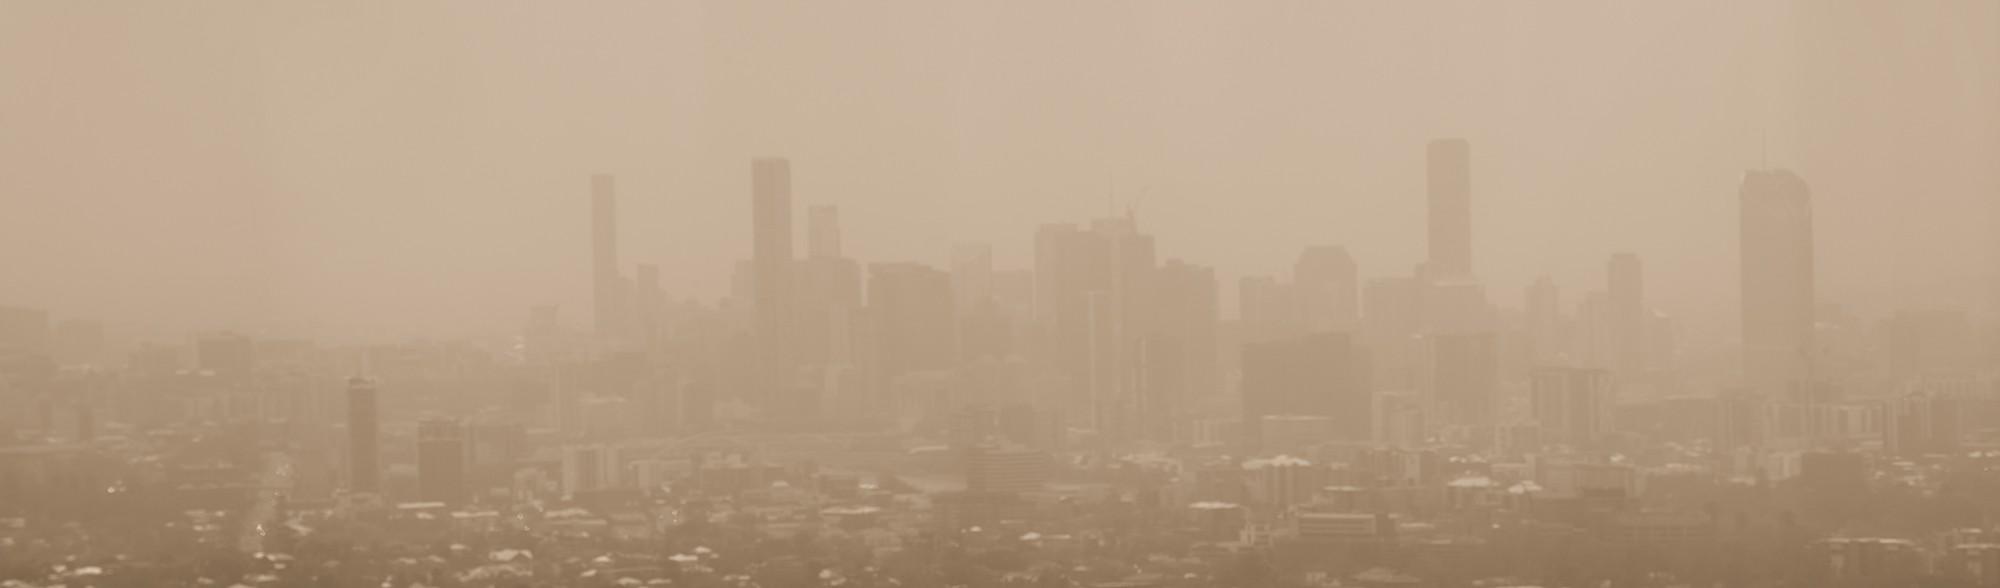 City Smoked